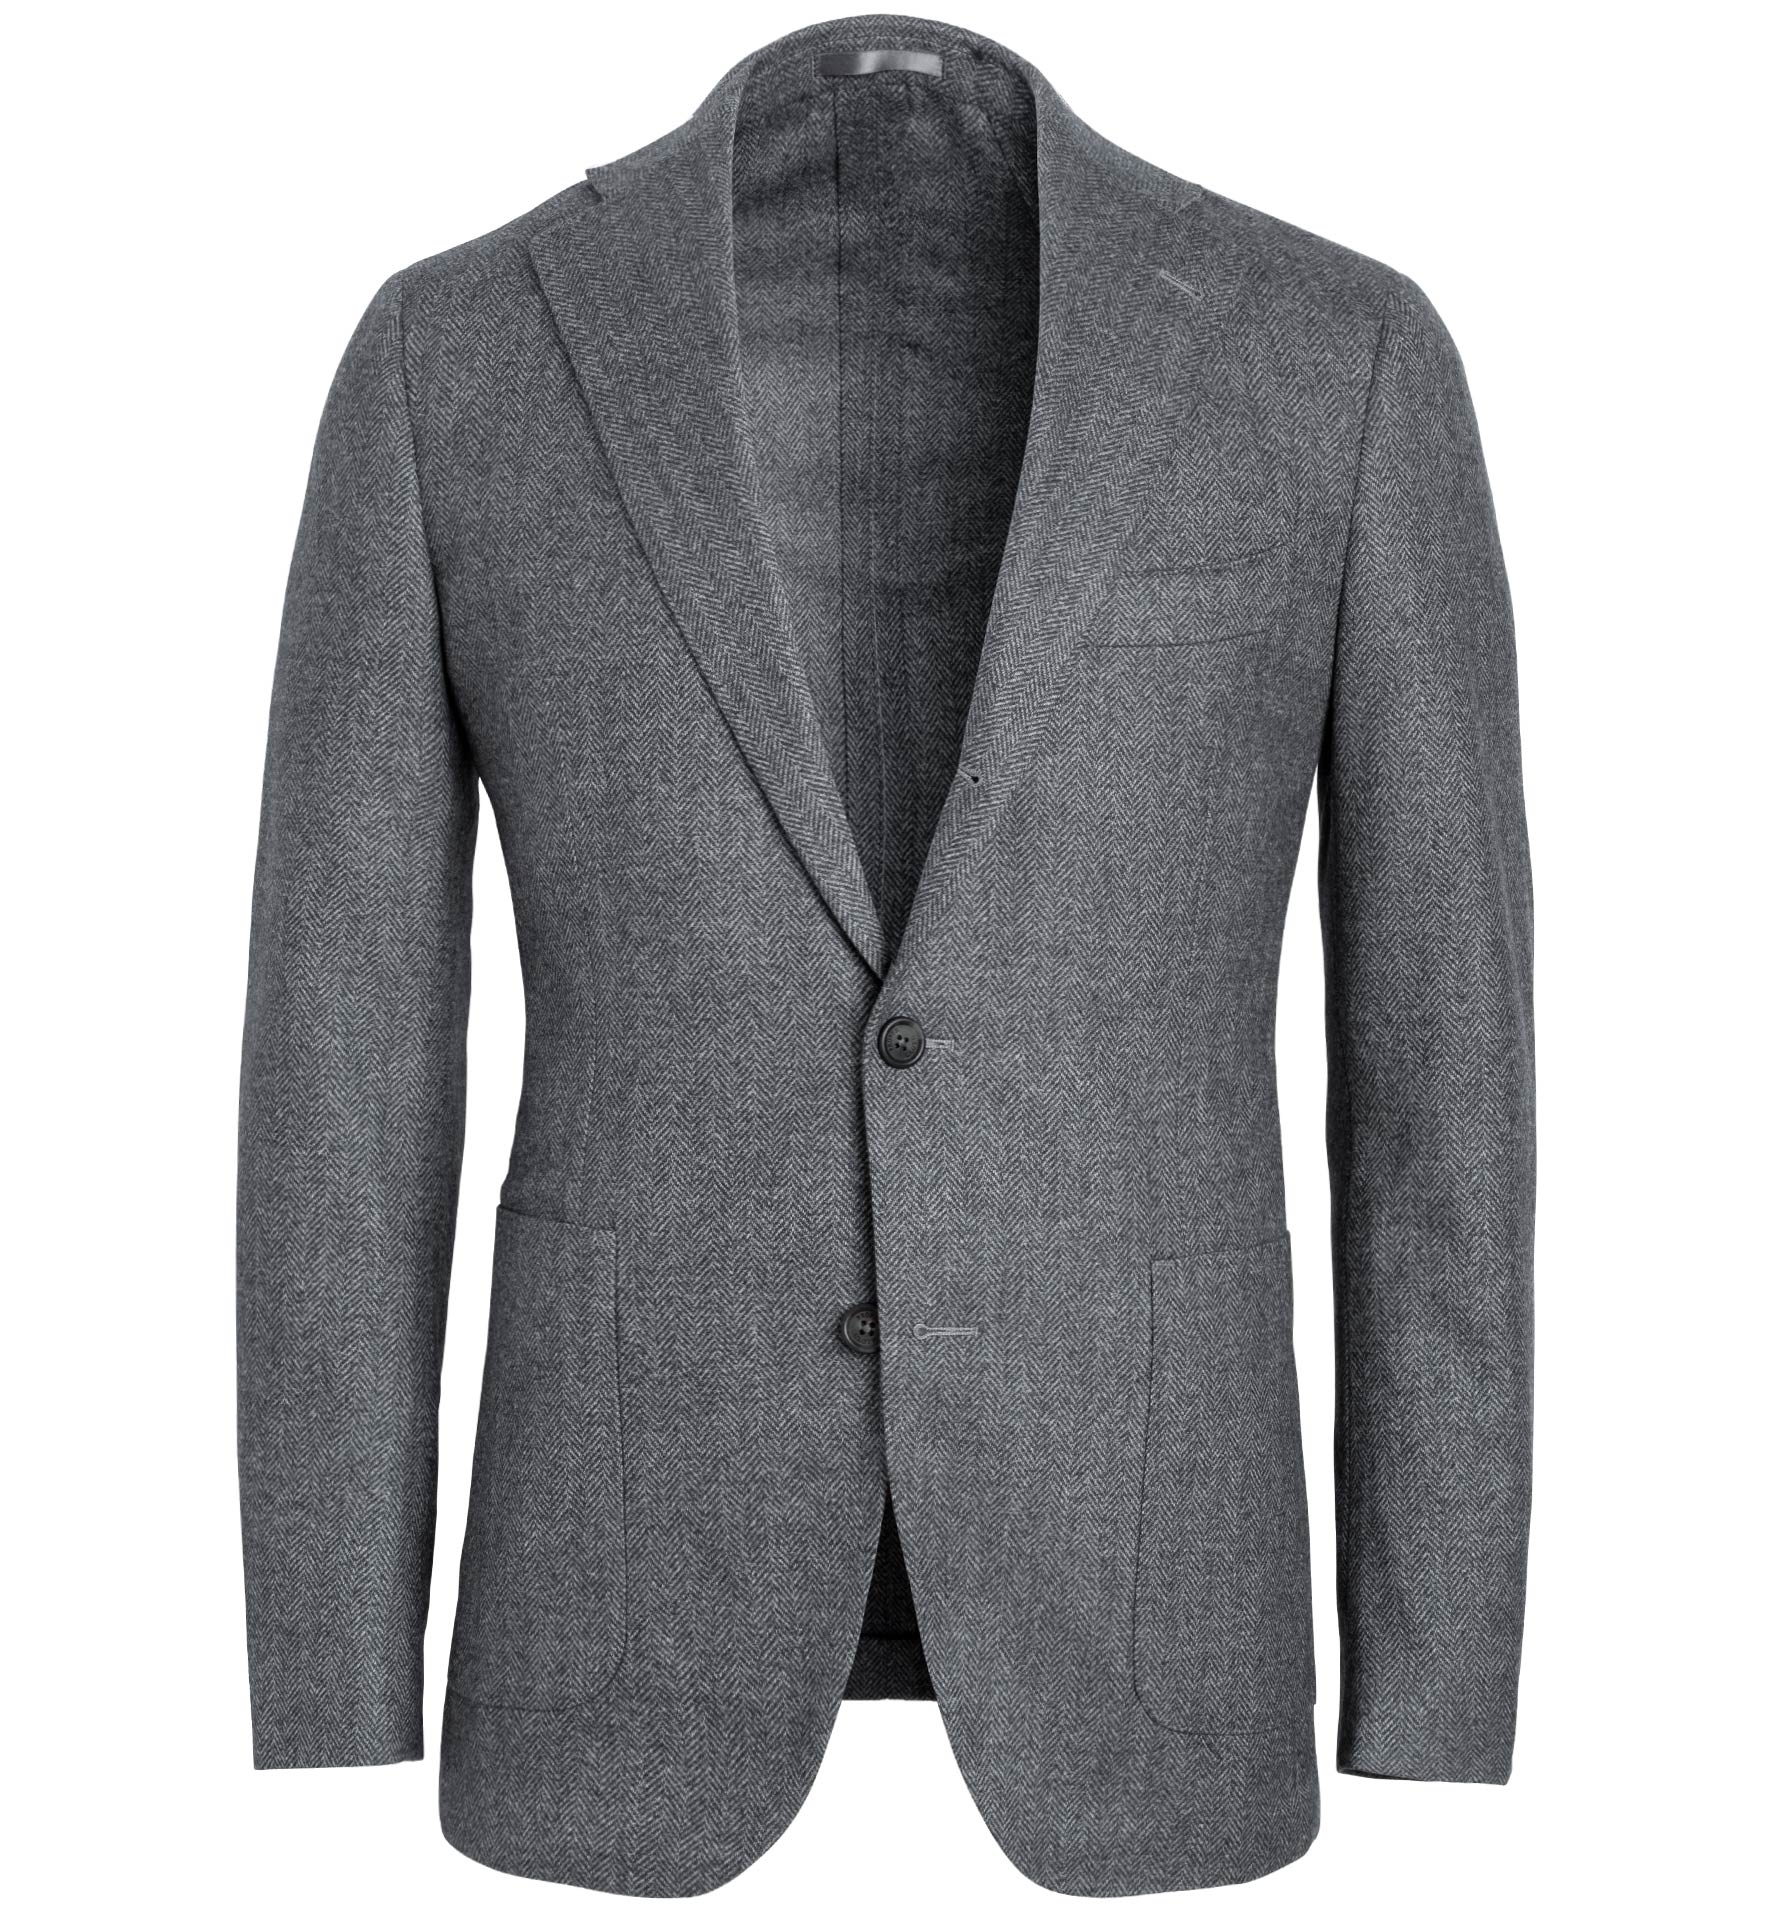 Zoom Image of Bedford Grey Wool Herringbone Jacket